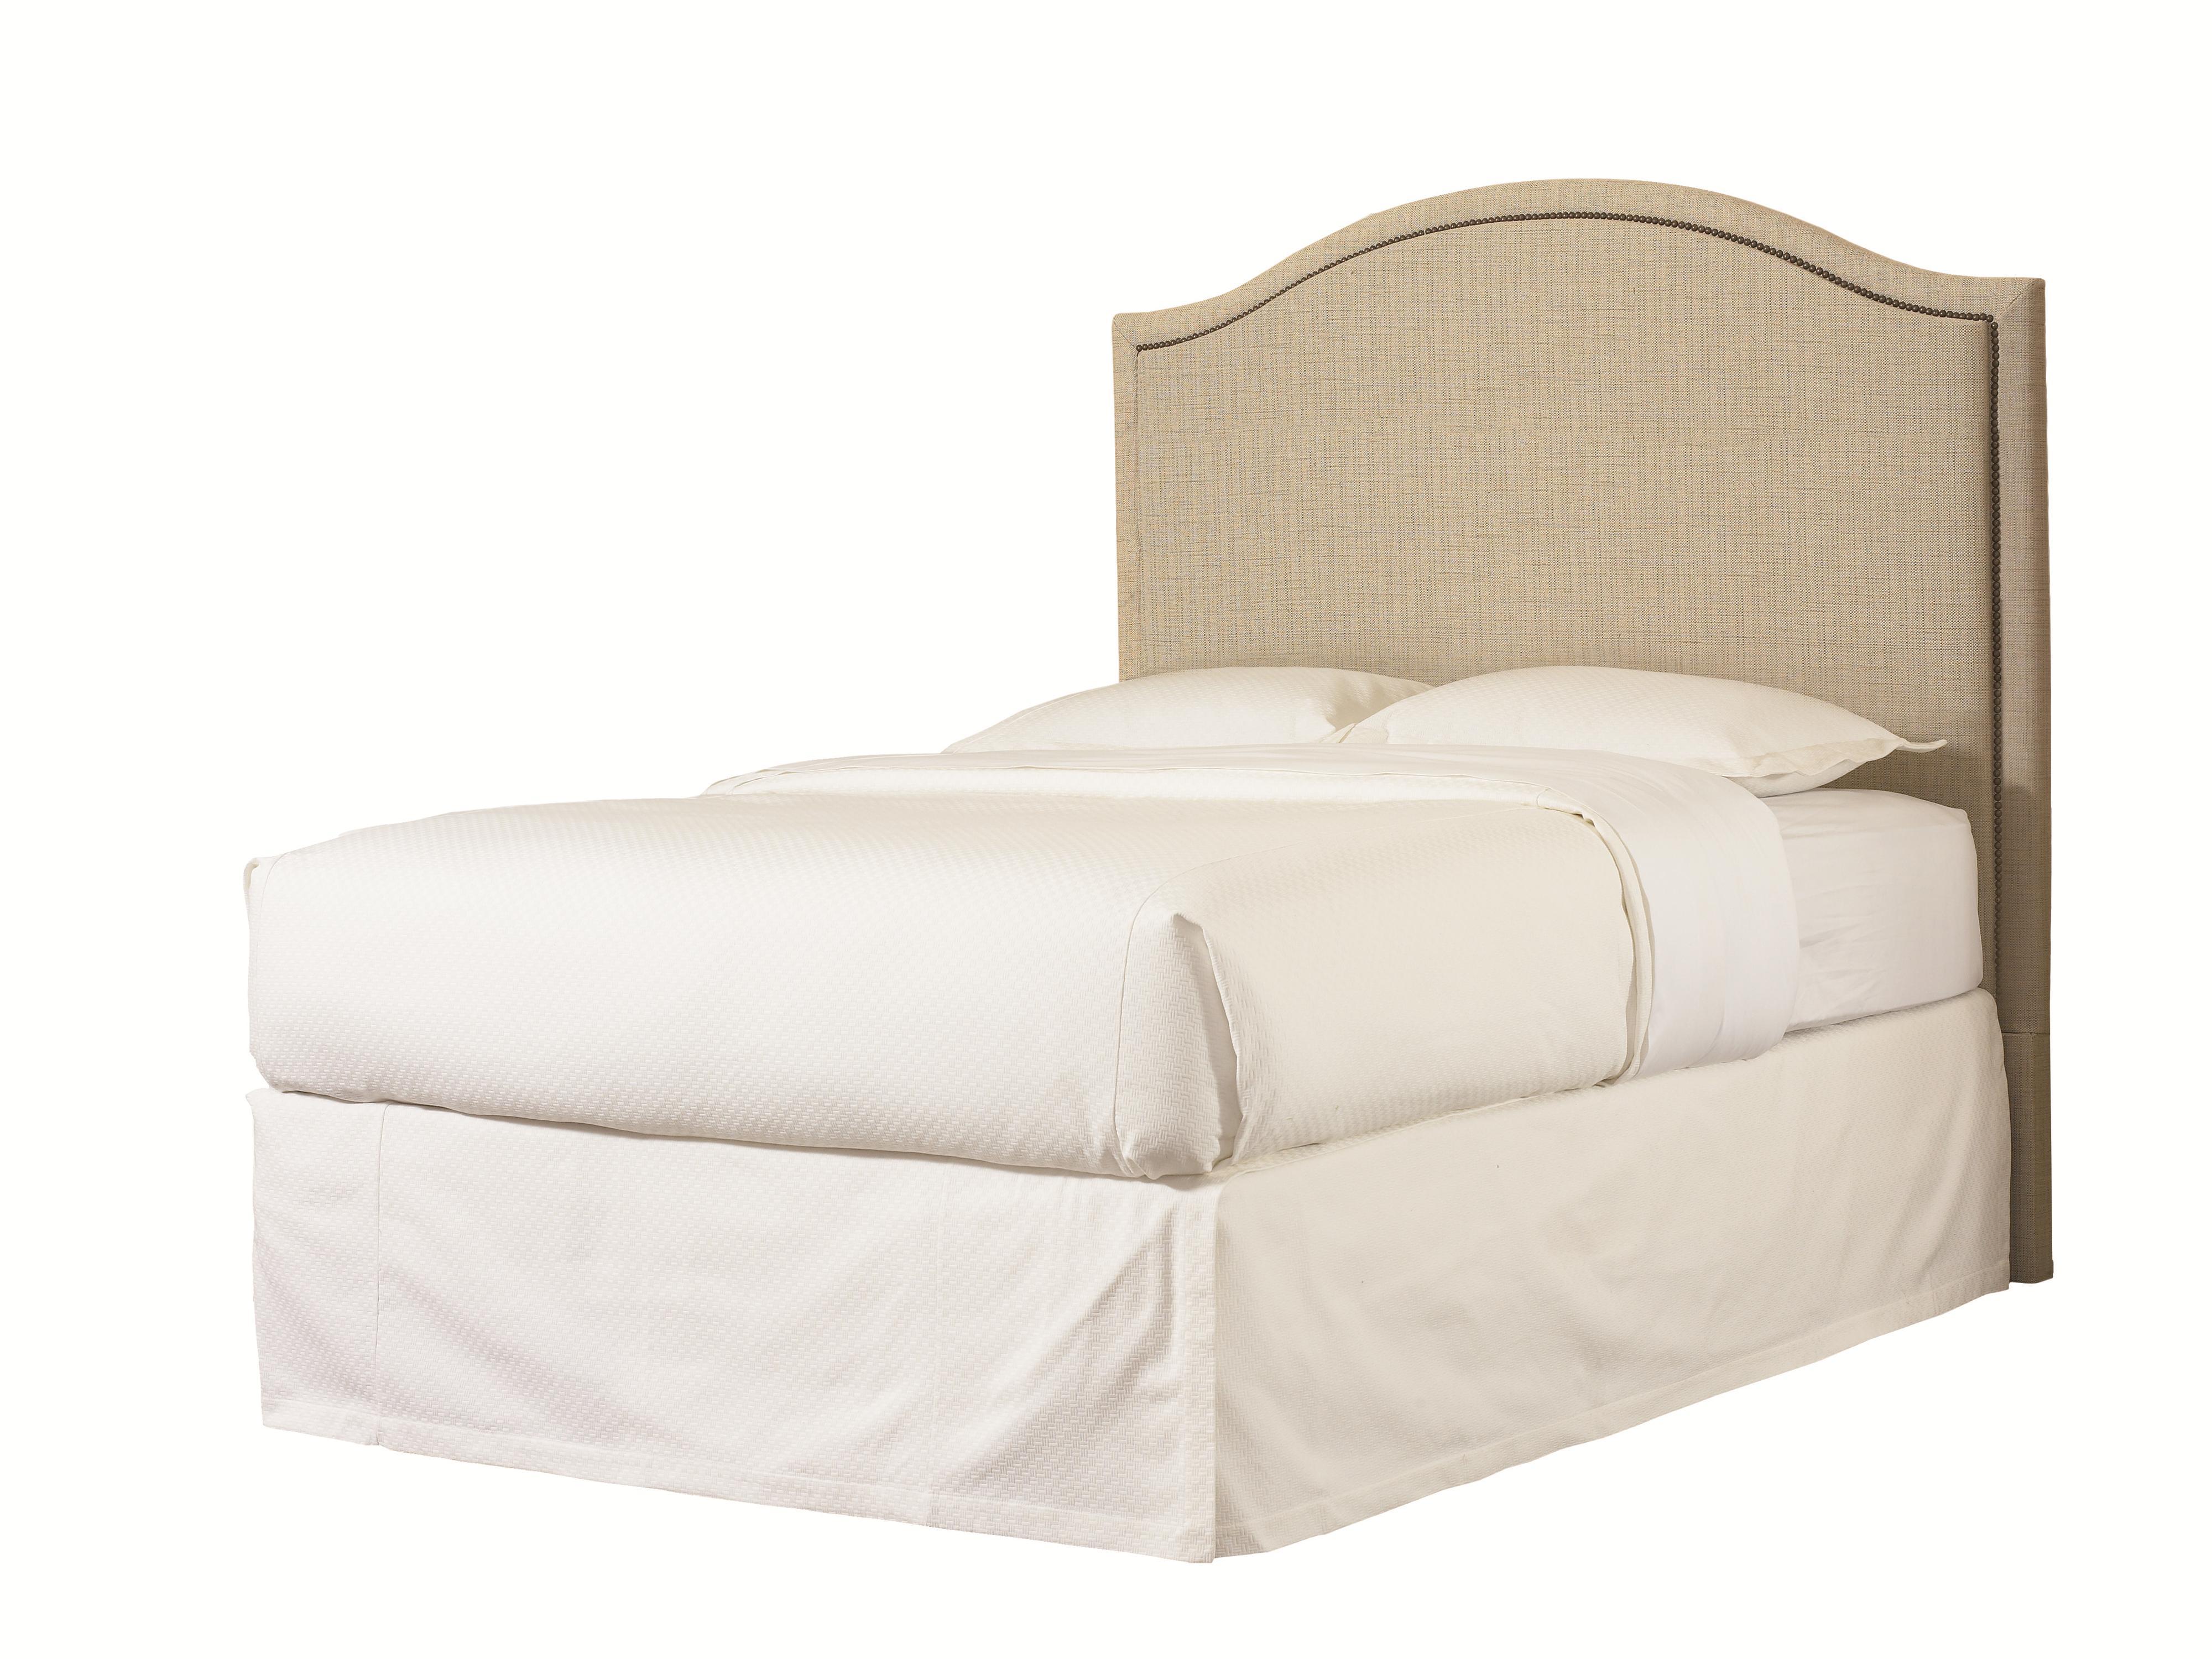 Bassett Custom Upholstered Beds 1993 H59f Queen Vienna